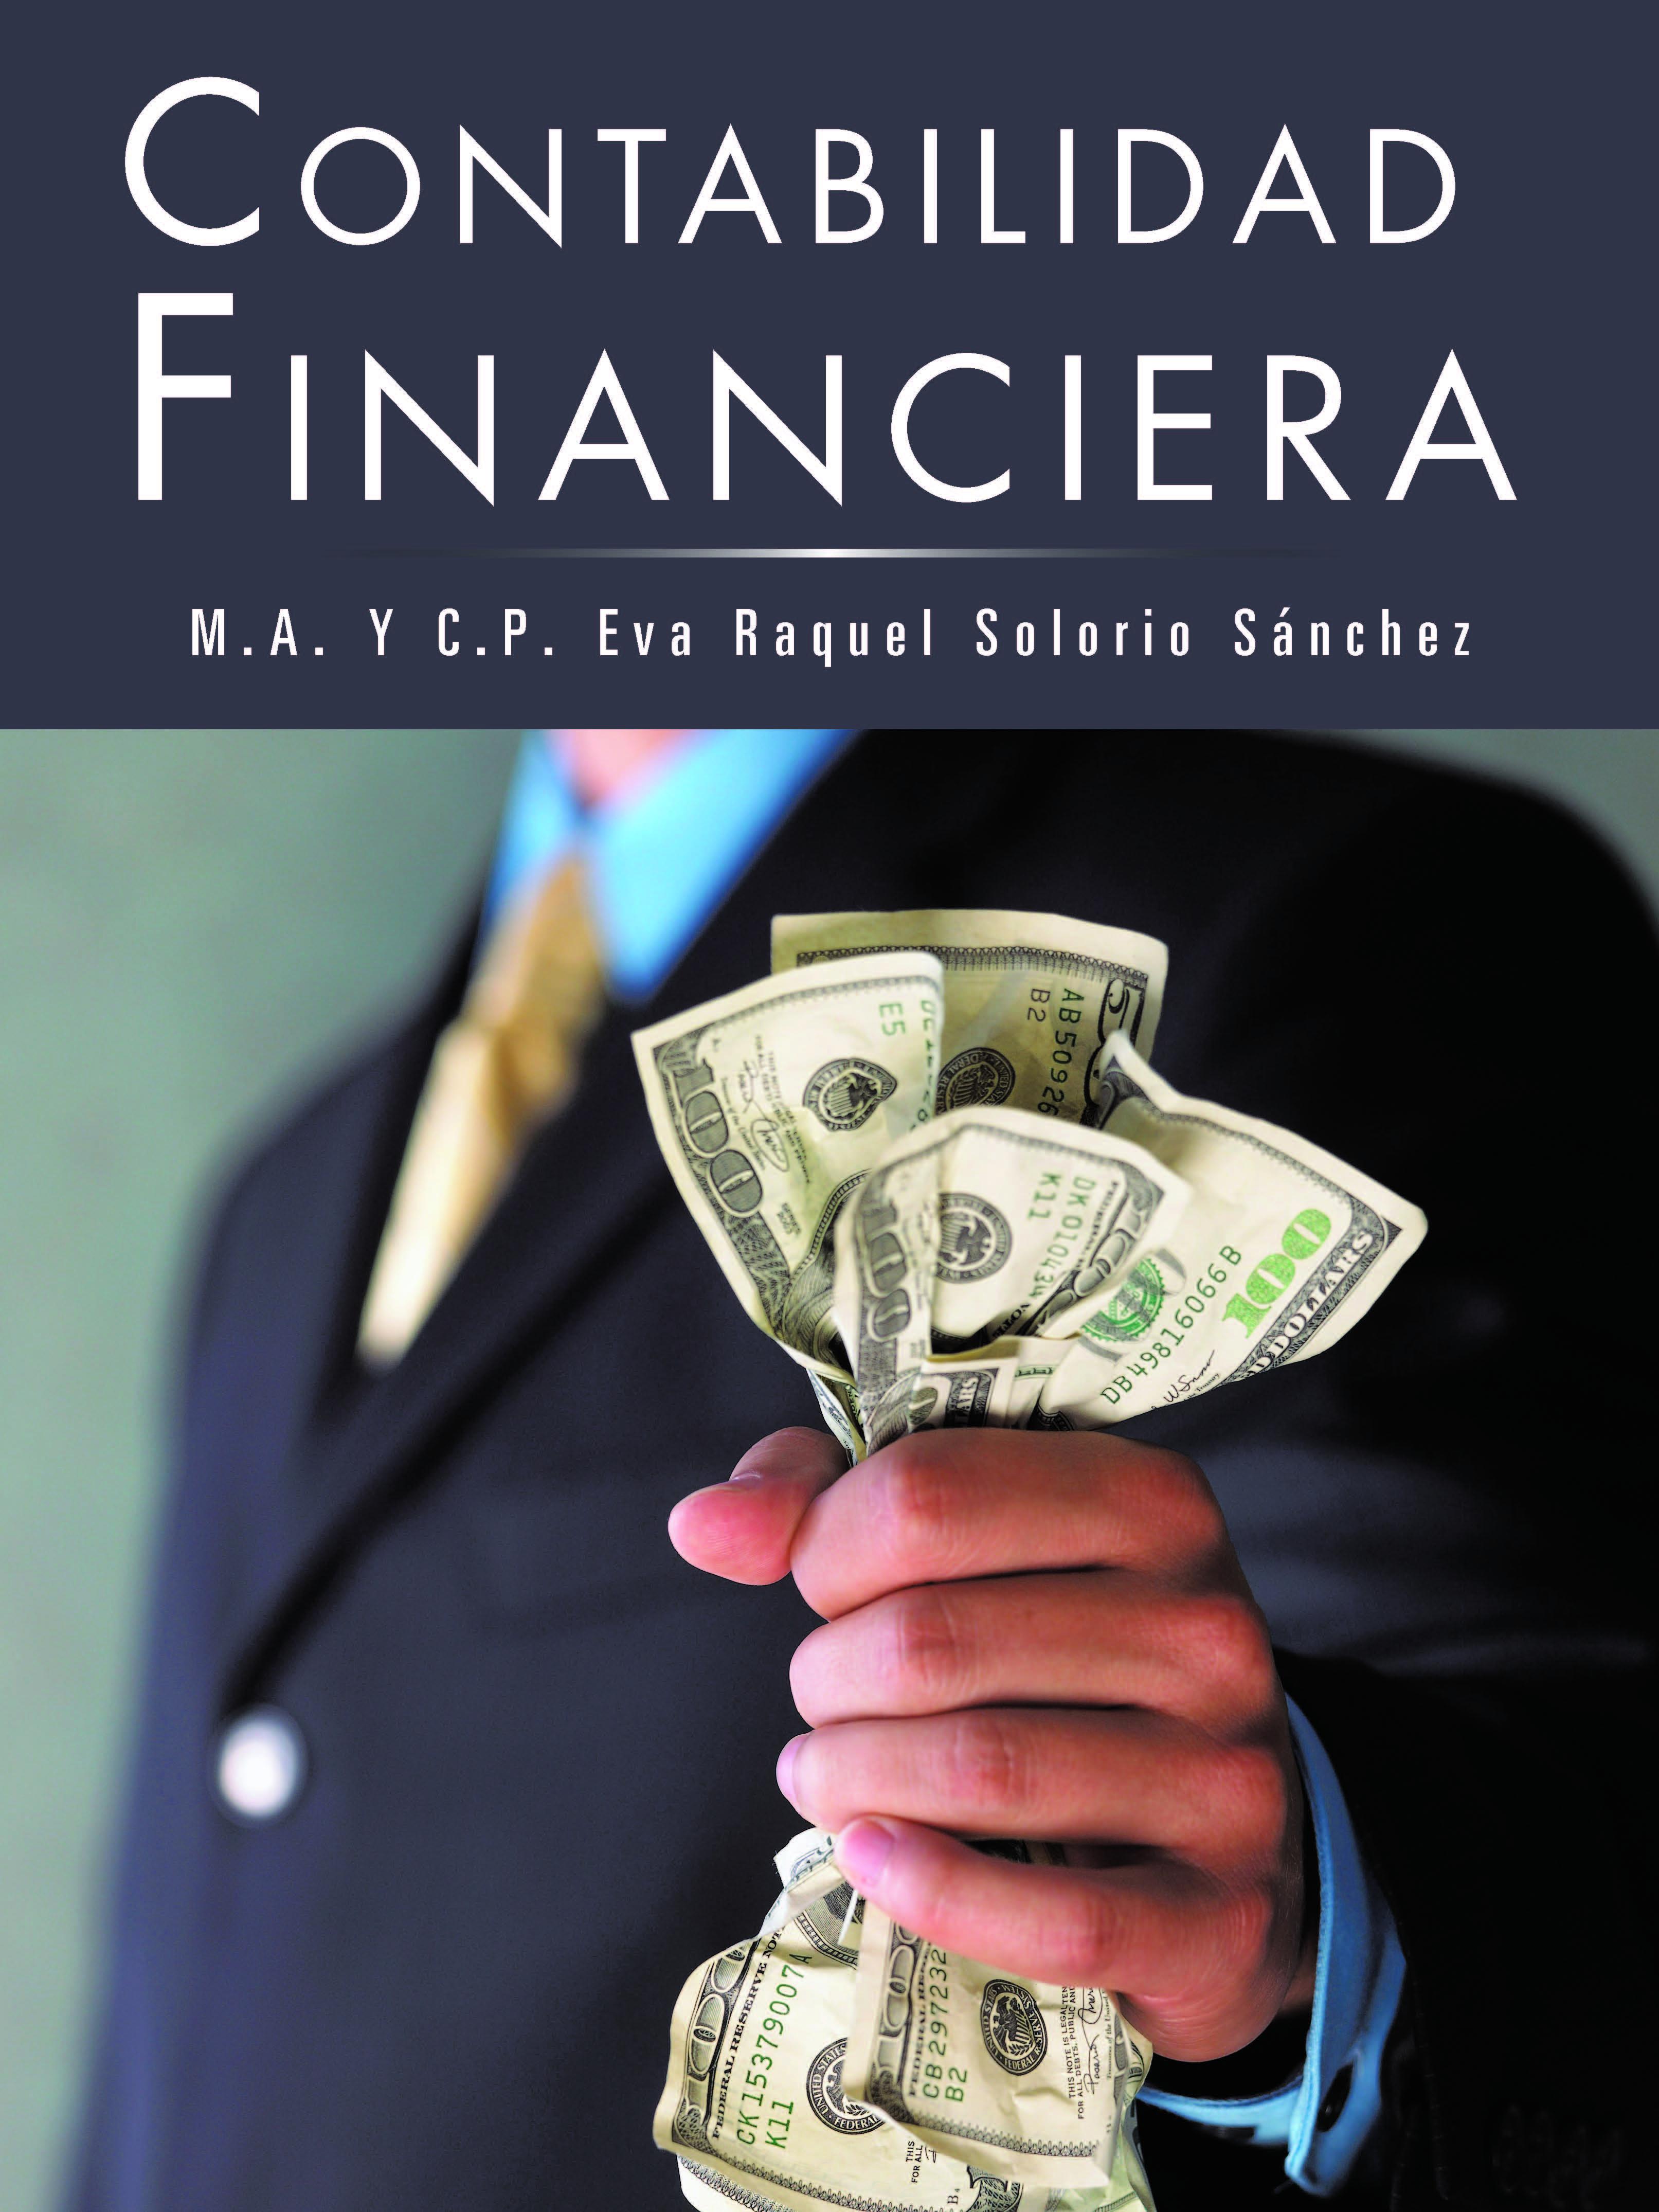 Vivir De Opciones Binarias Maquina De Ganar Dinero - Estrategia 100 efectiva para ganar dinero con opciones binarias